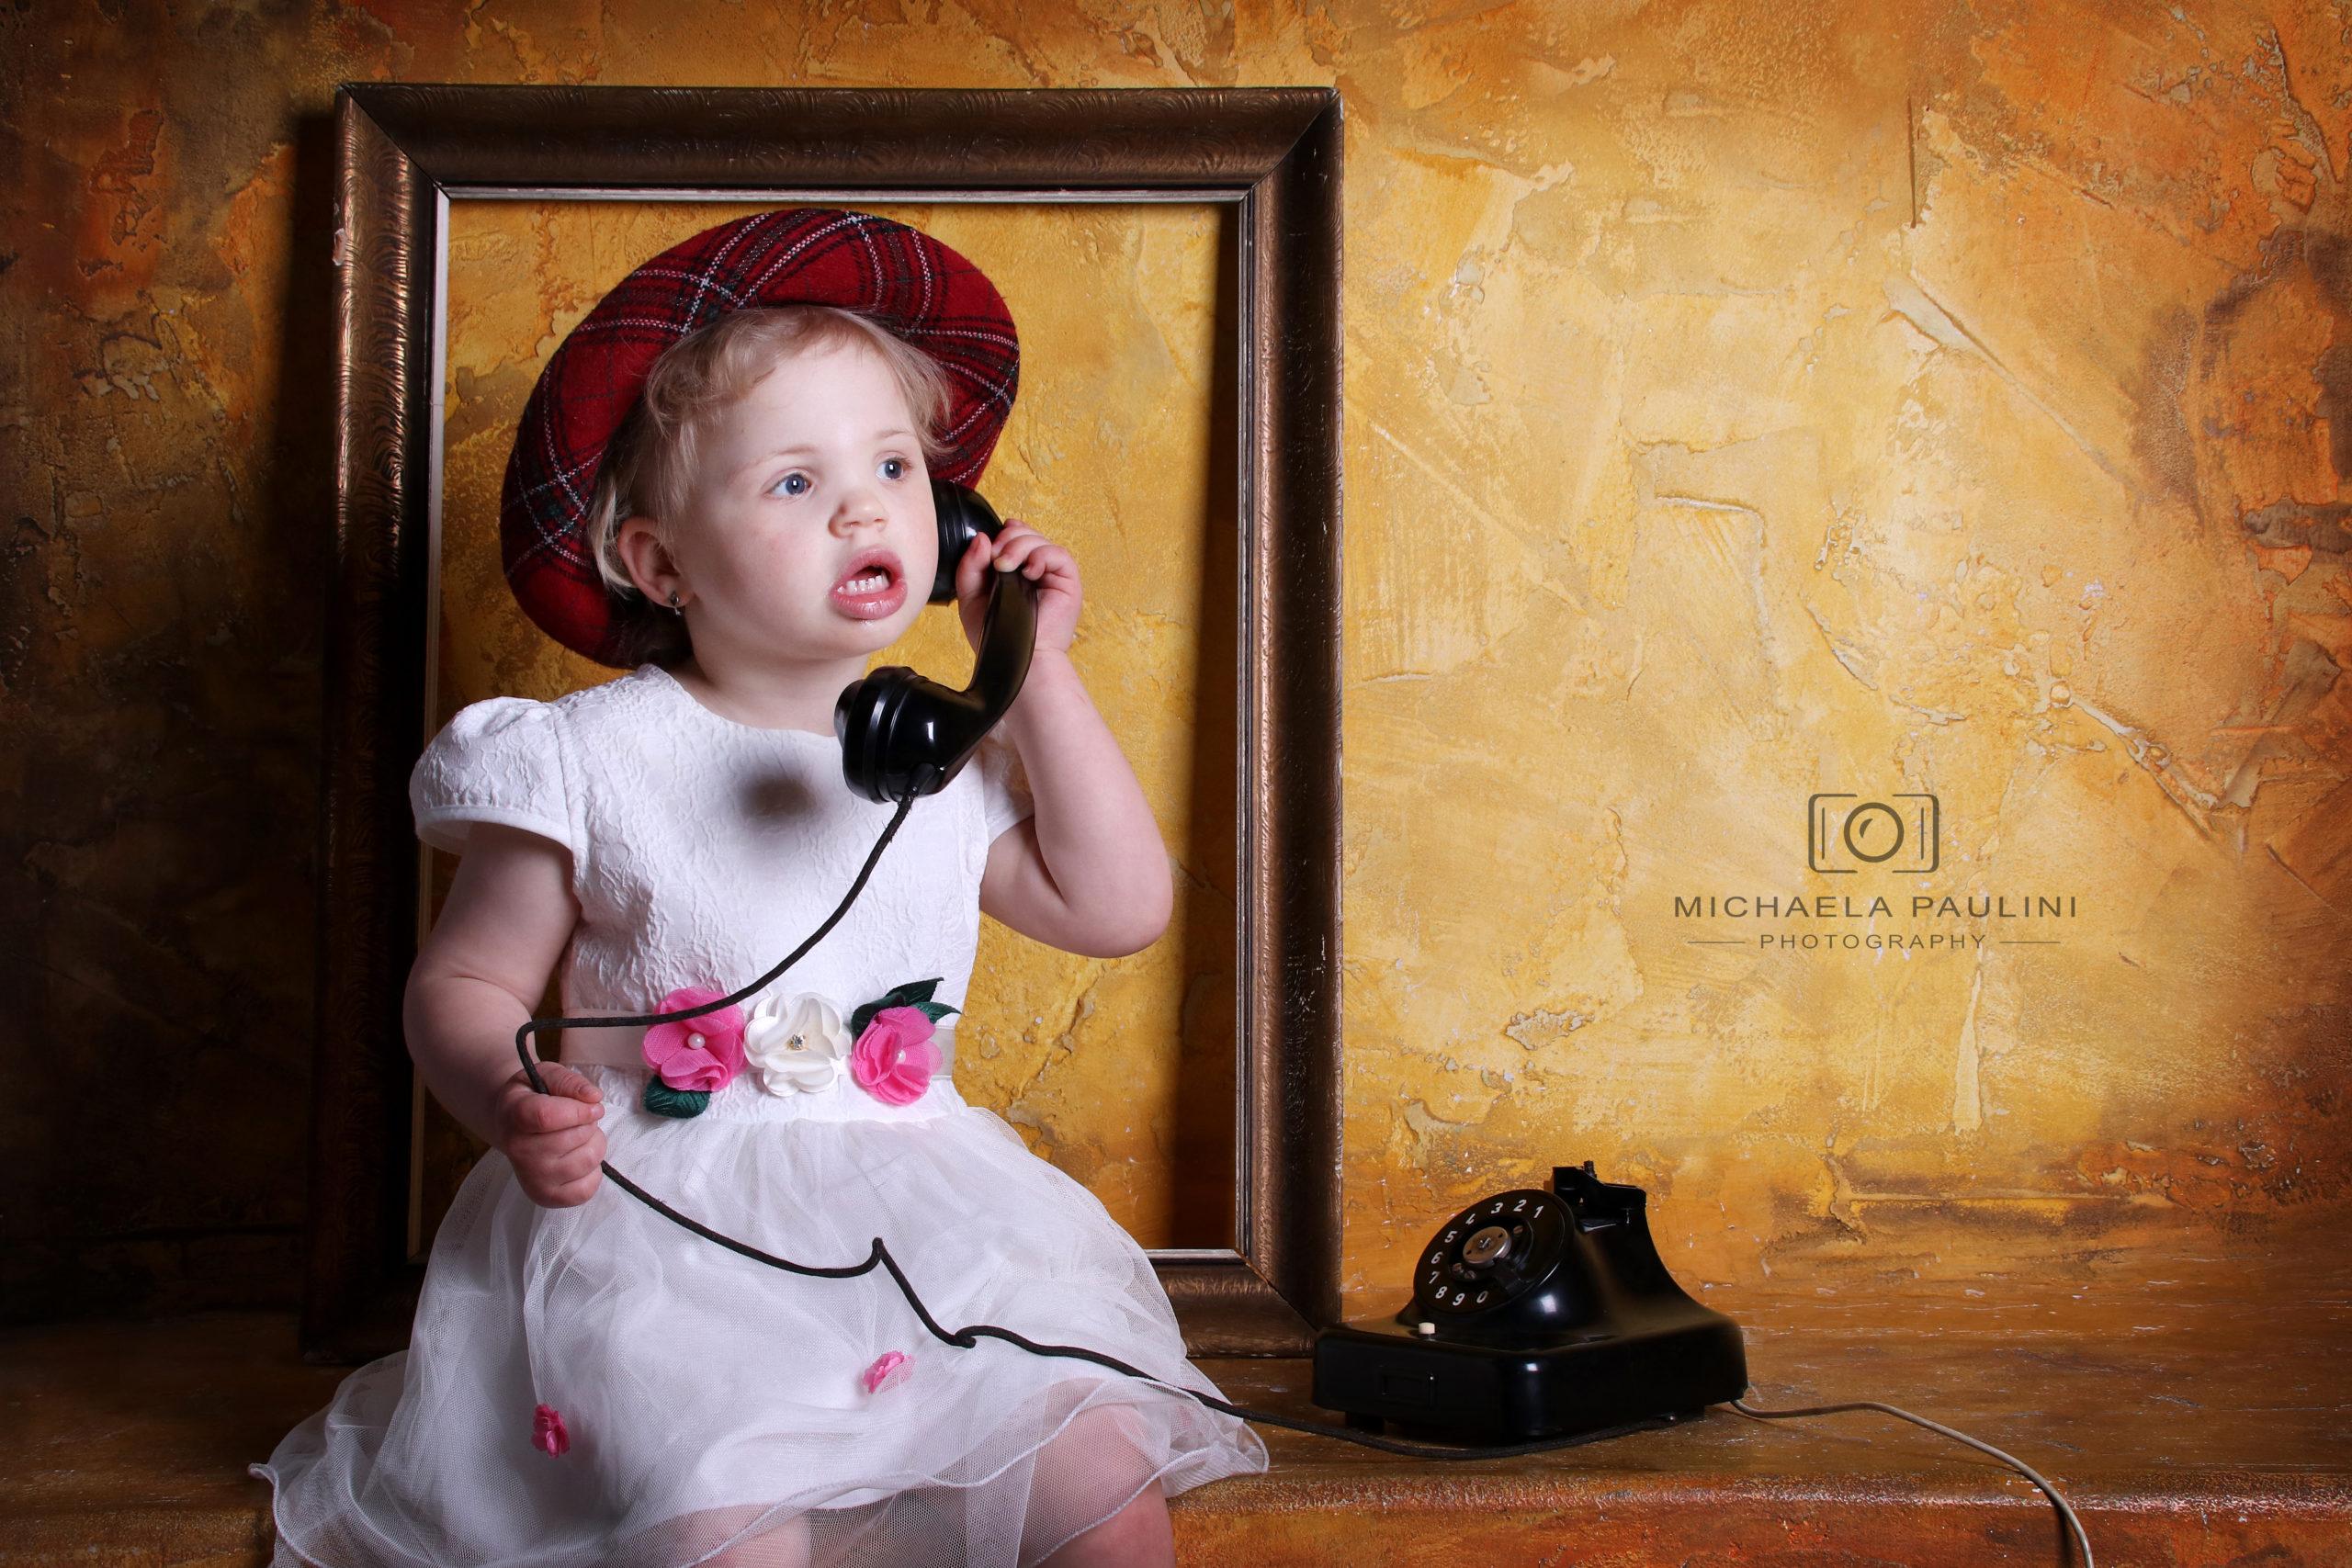 Fotografování dětí v ateliéru